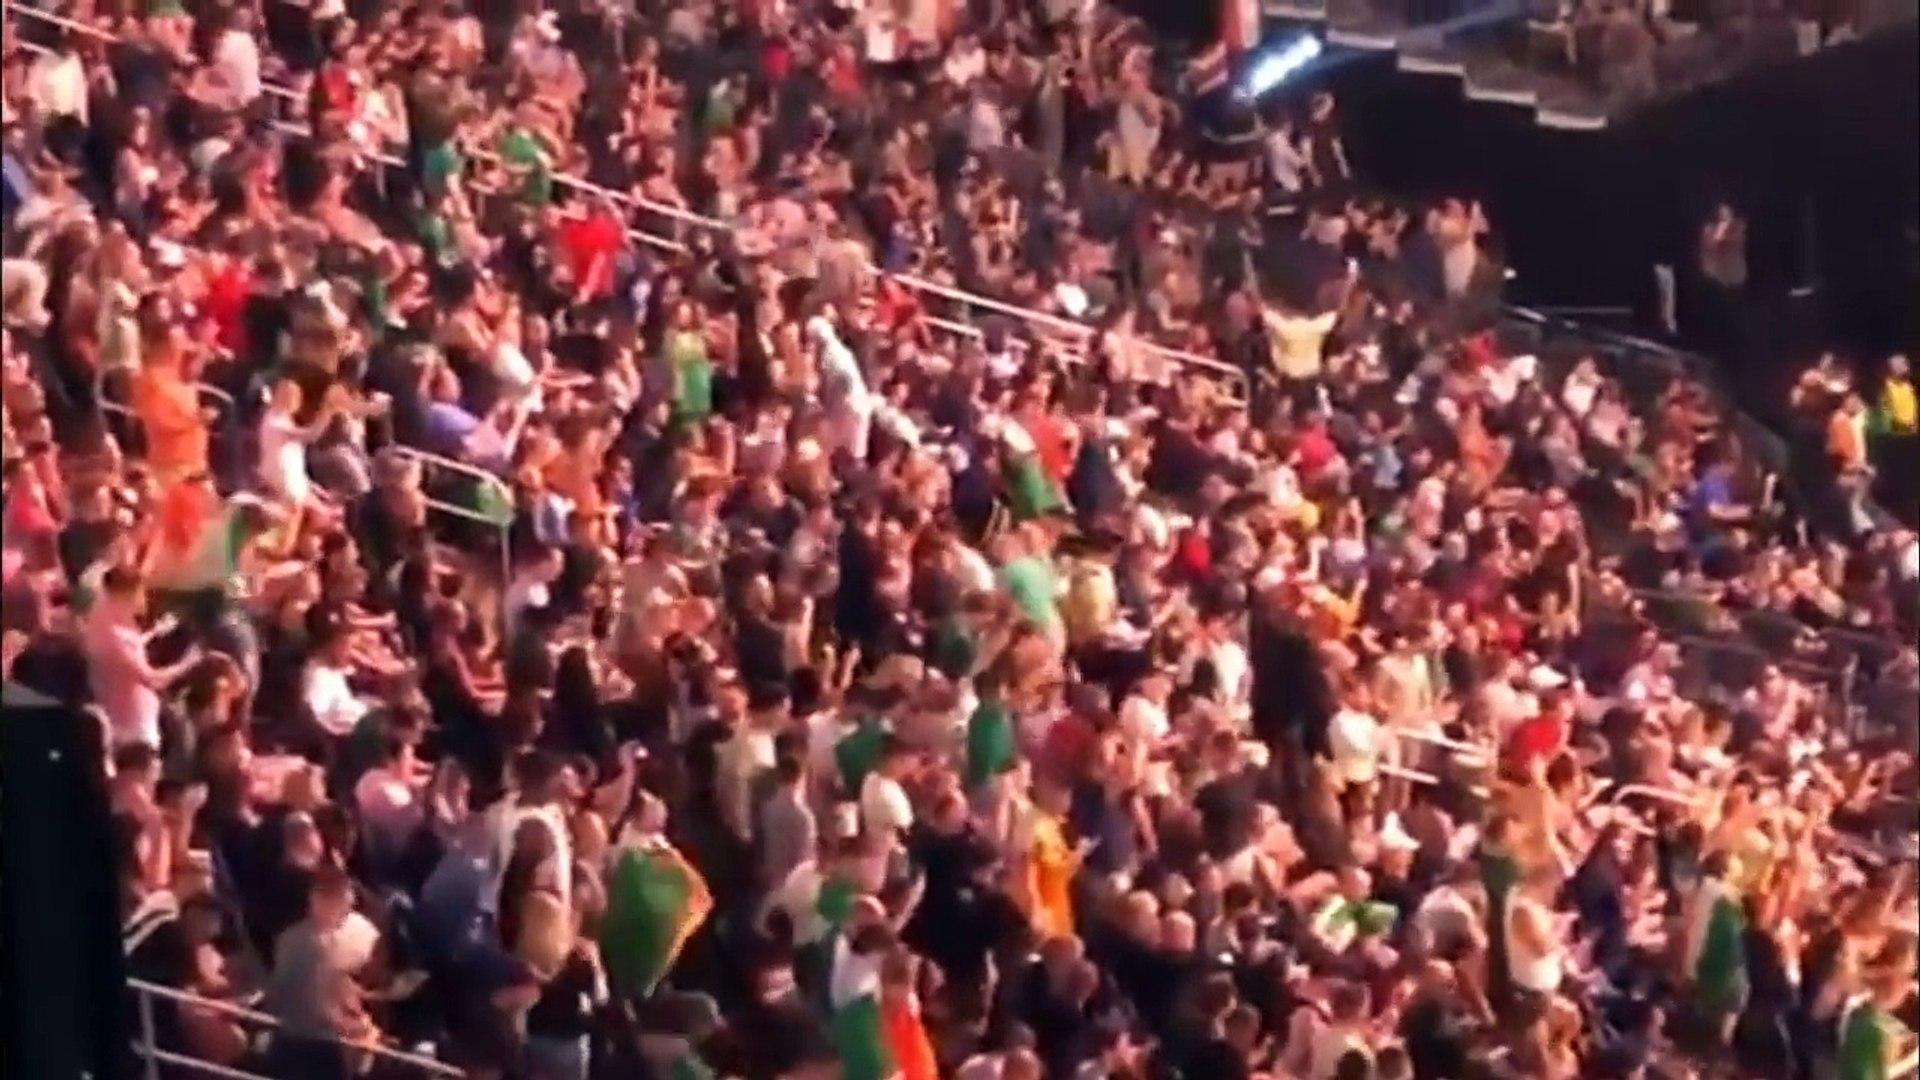 ХАБИБ НУРМАГОМЕДОВ ПОБЕДИЛ КОНОРА МАКГРЕГОРА НА UFC 229 ! ПОЛНЫЙ ОБЗОР БОЯ